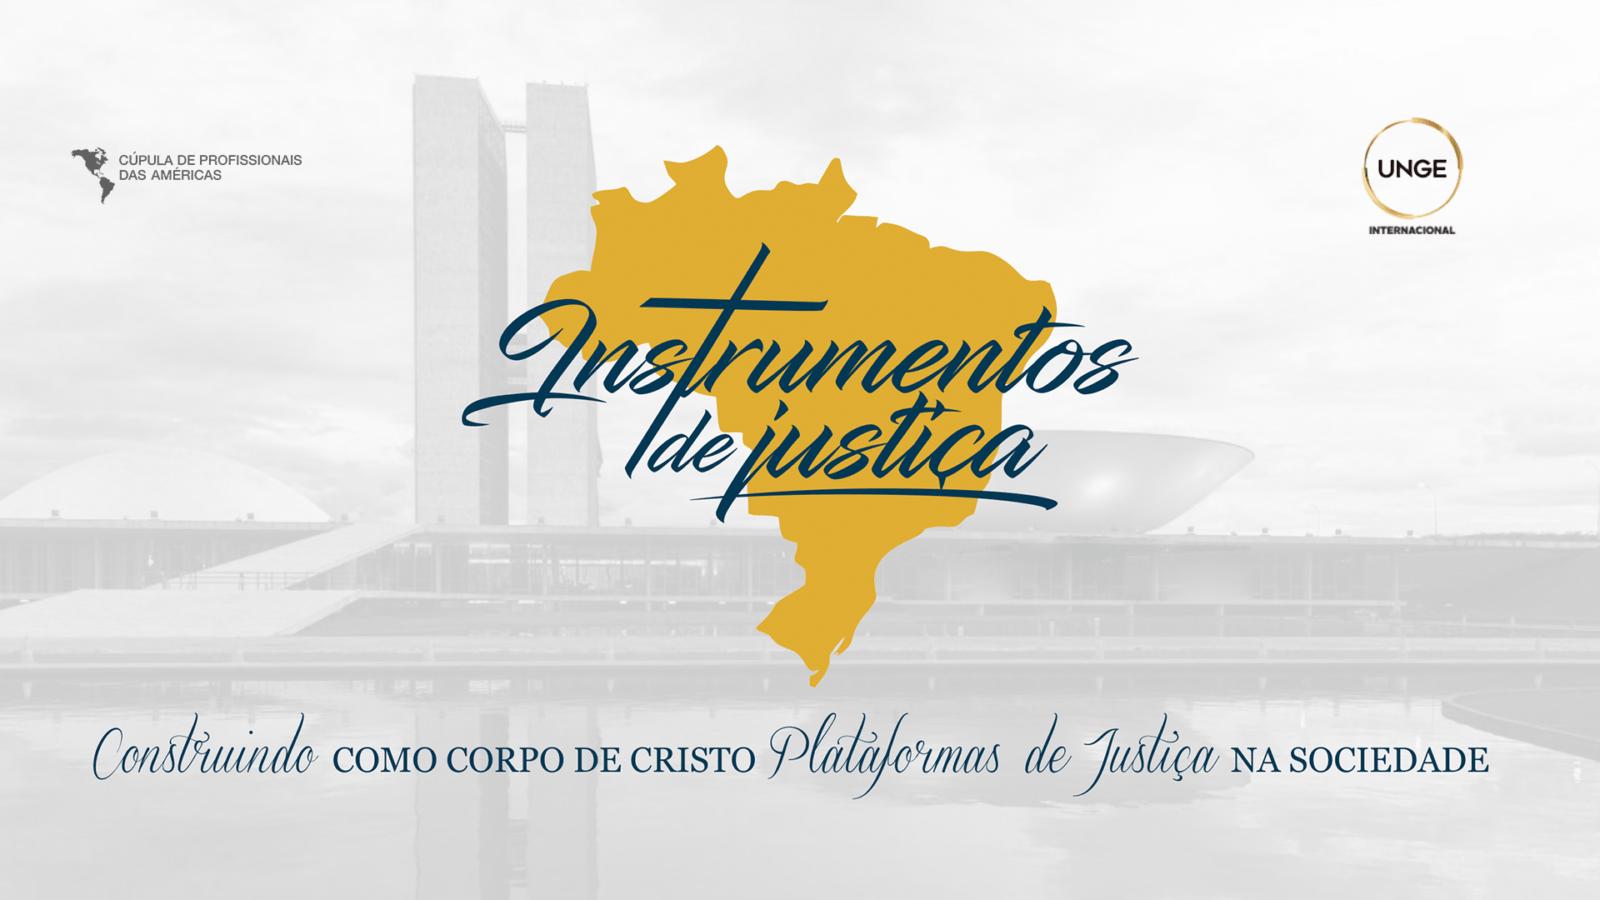 TAUBATÉ SEDIARÁ EM 2019 EVENTO INTERNACIONAL PARA DISCUTIR O DESTINO DAS NAÇÕES.